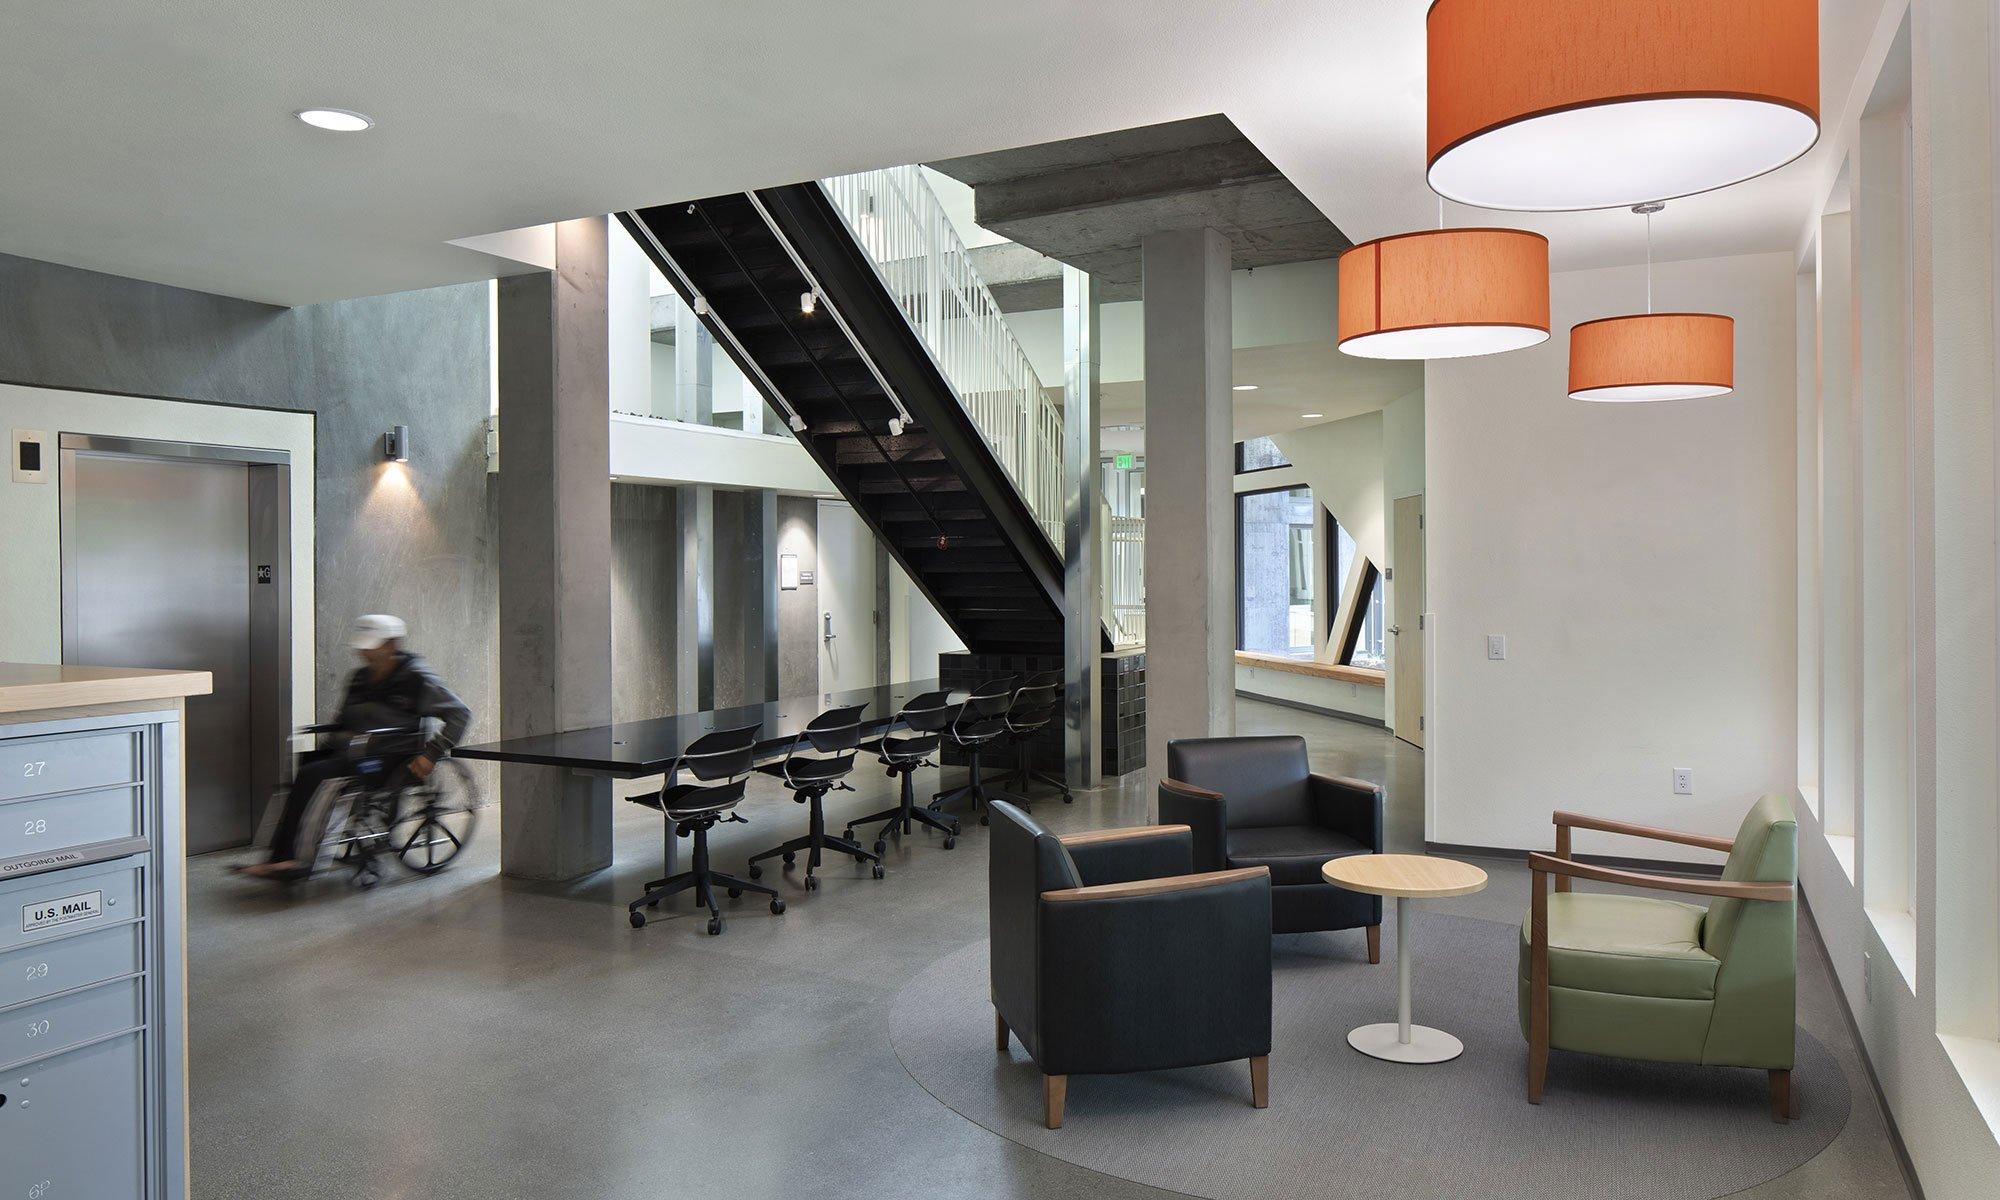 Second Street Studios-San Jose, CA-Lowney Architecture-2